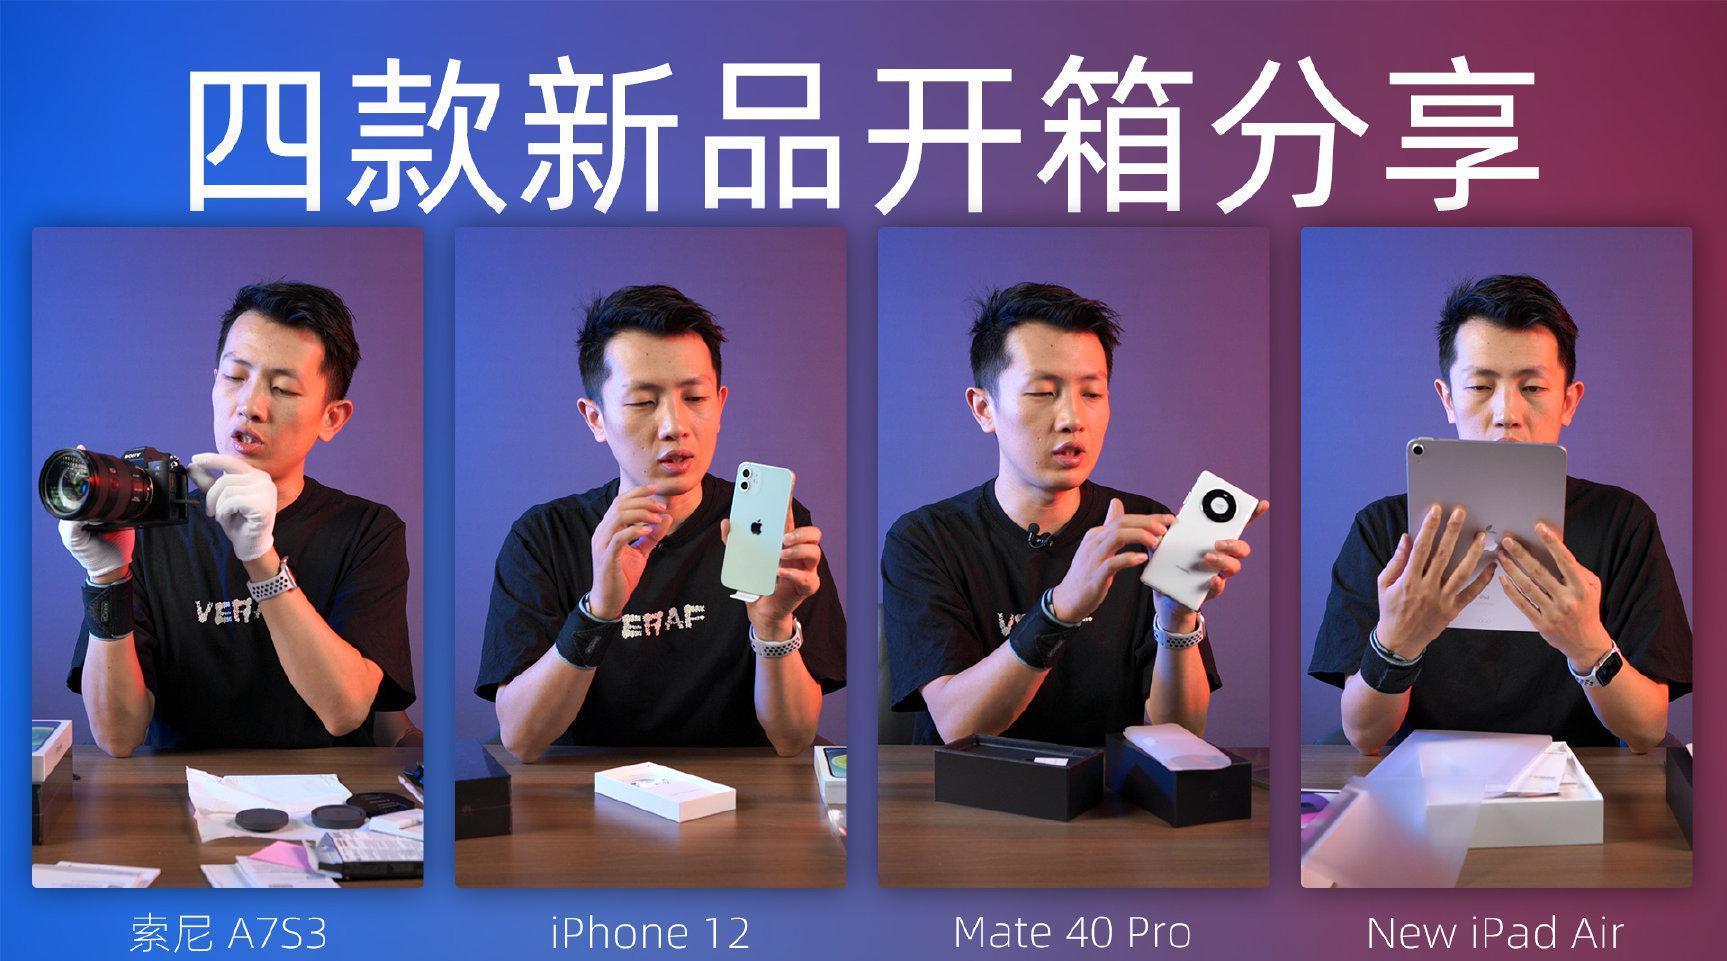 一期关于数码产品的奇妙开箱: SONY A7S3 相机、iPhone 12